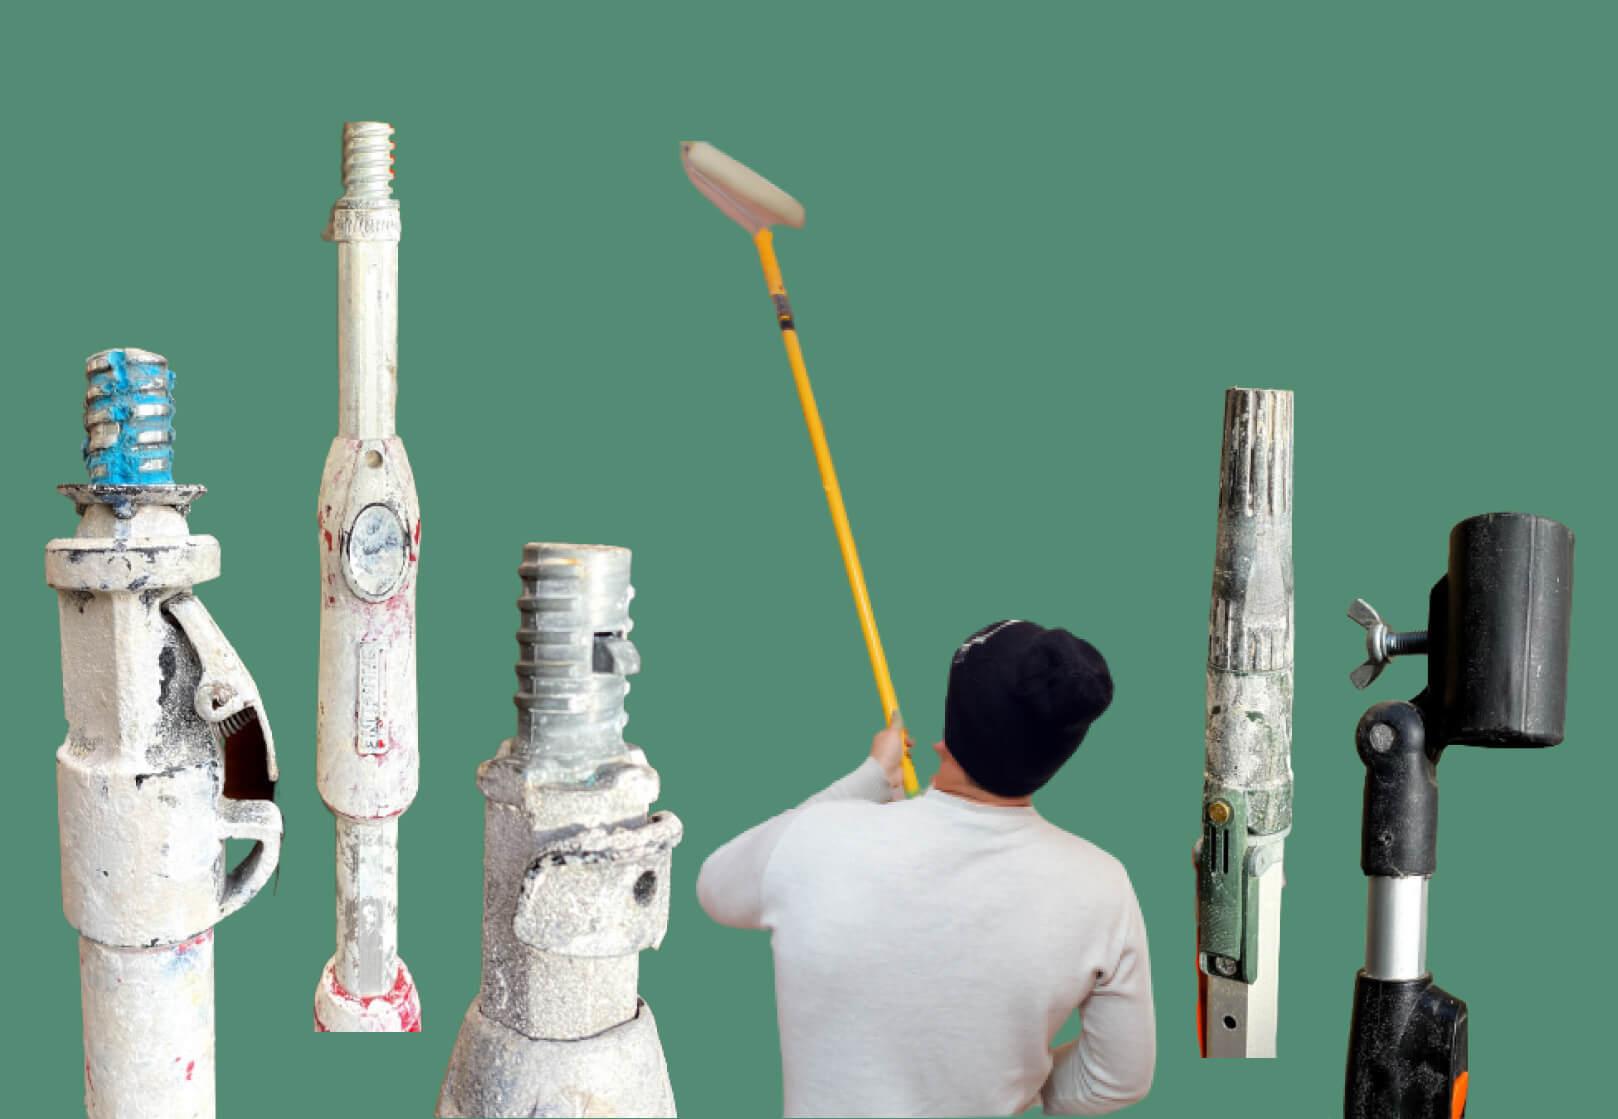 5 Best paint roller extension poles